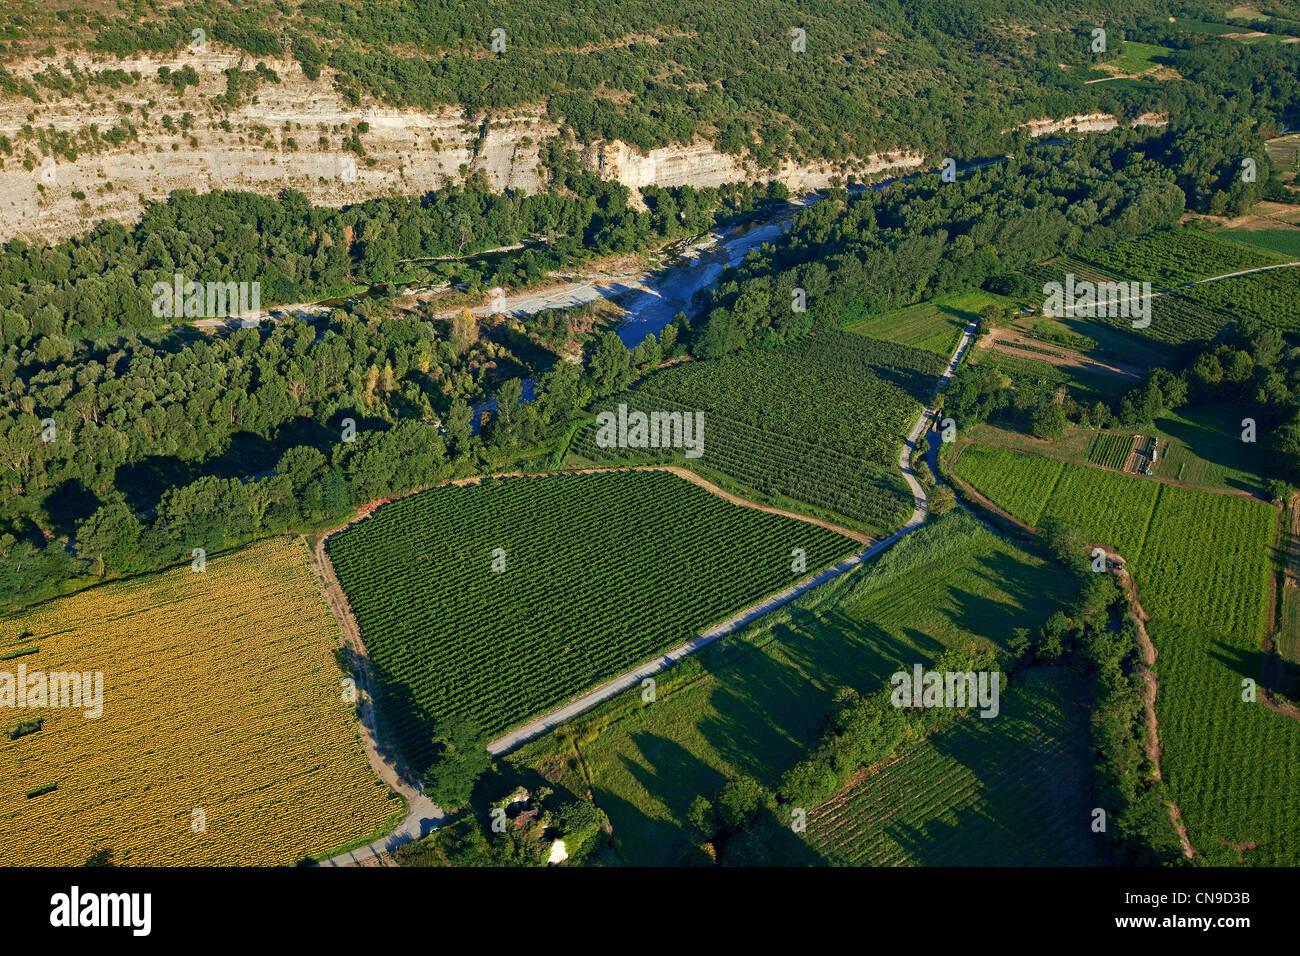 La France, l'Ardèche, Vogue, vignes sur les rives de la rivière Ardèche (vue aérienne) Photo Stock